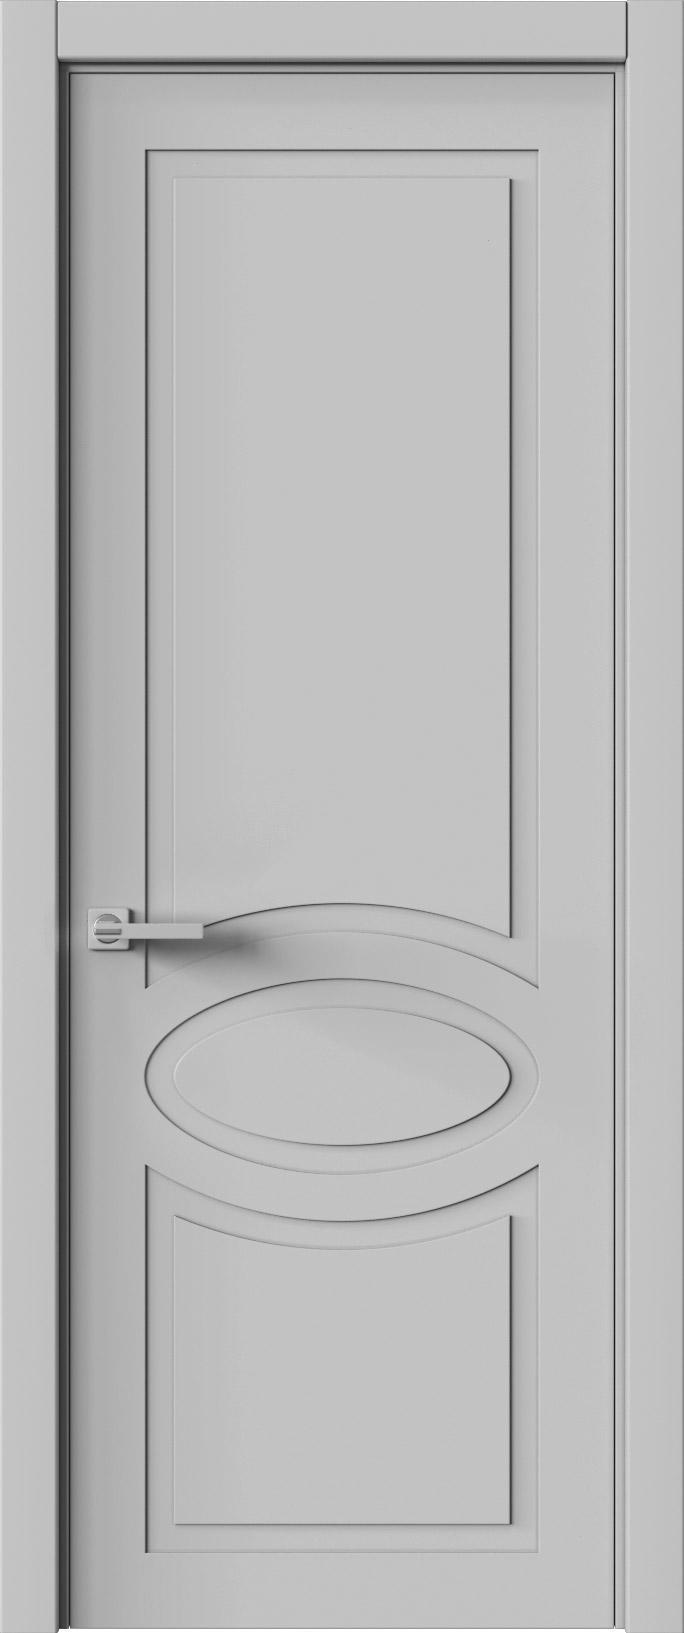 Tivoli Н-5 цвет - Серая эмаль (RAL 7047) Без стекла (ДГ)